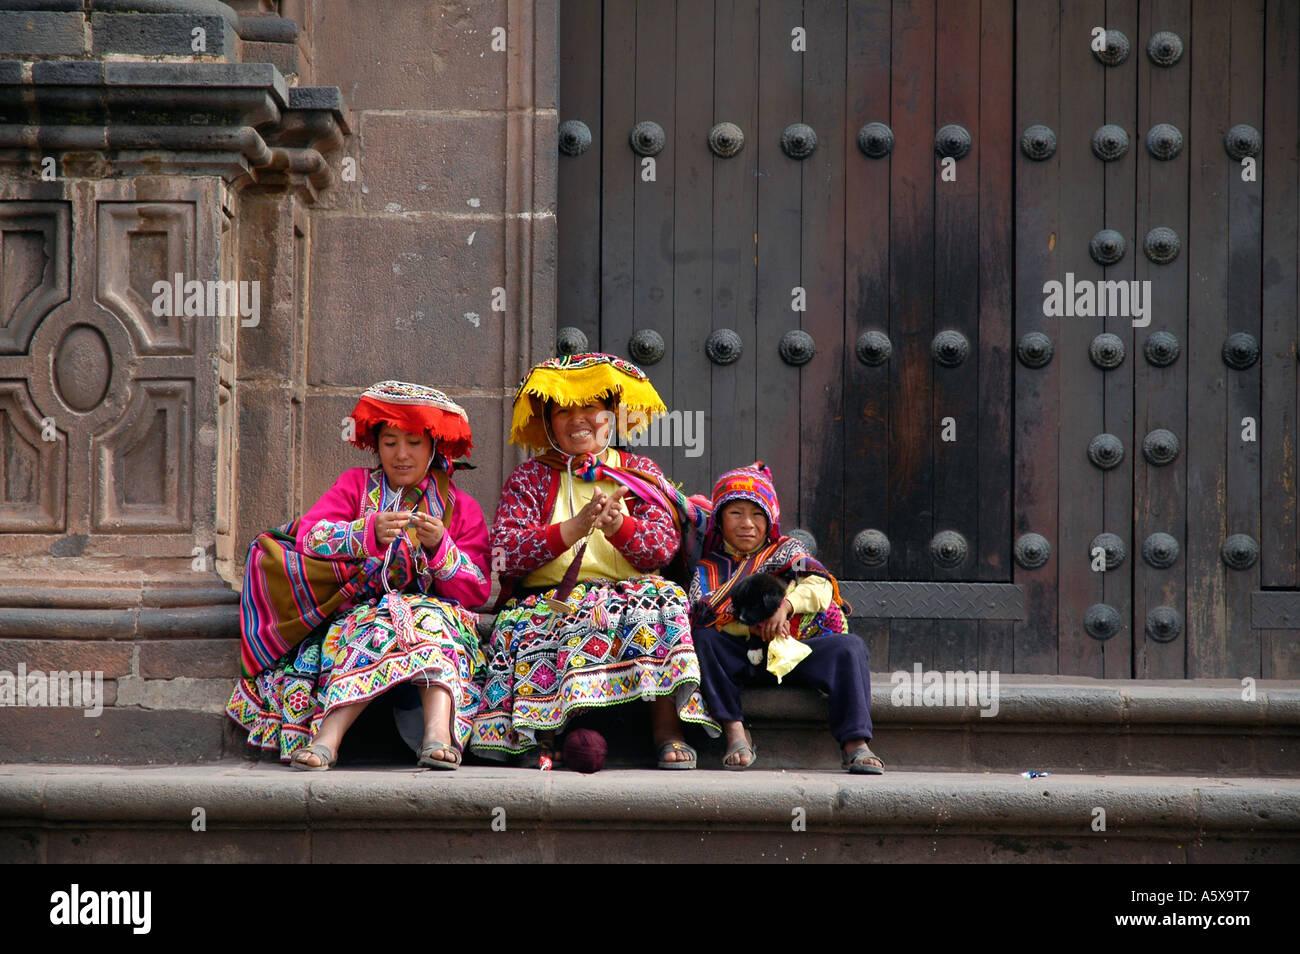 Las personas indígenas Quechuas en frente de la Iglesia de Santo Domingo, alias Coricancha en Cusco, Perú, América del Sur Imagen De Stock